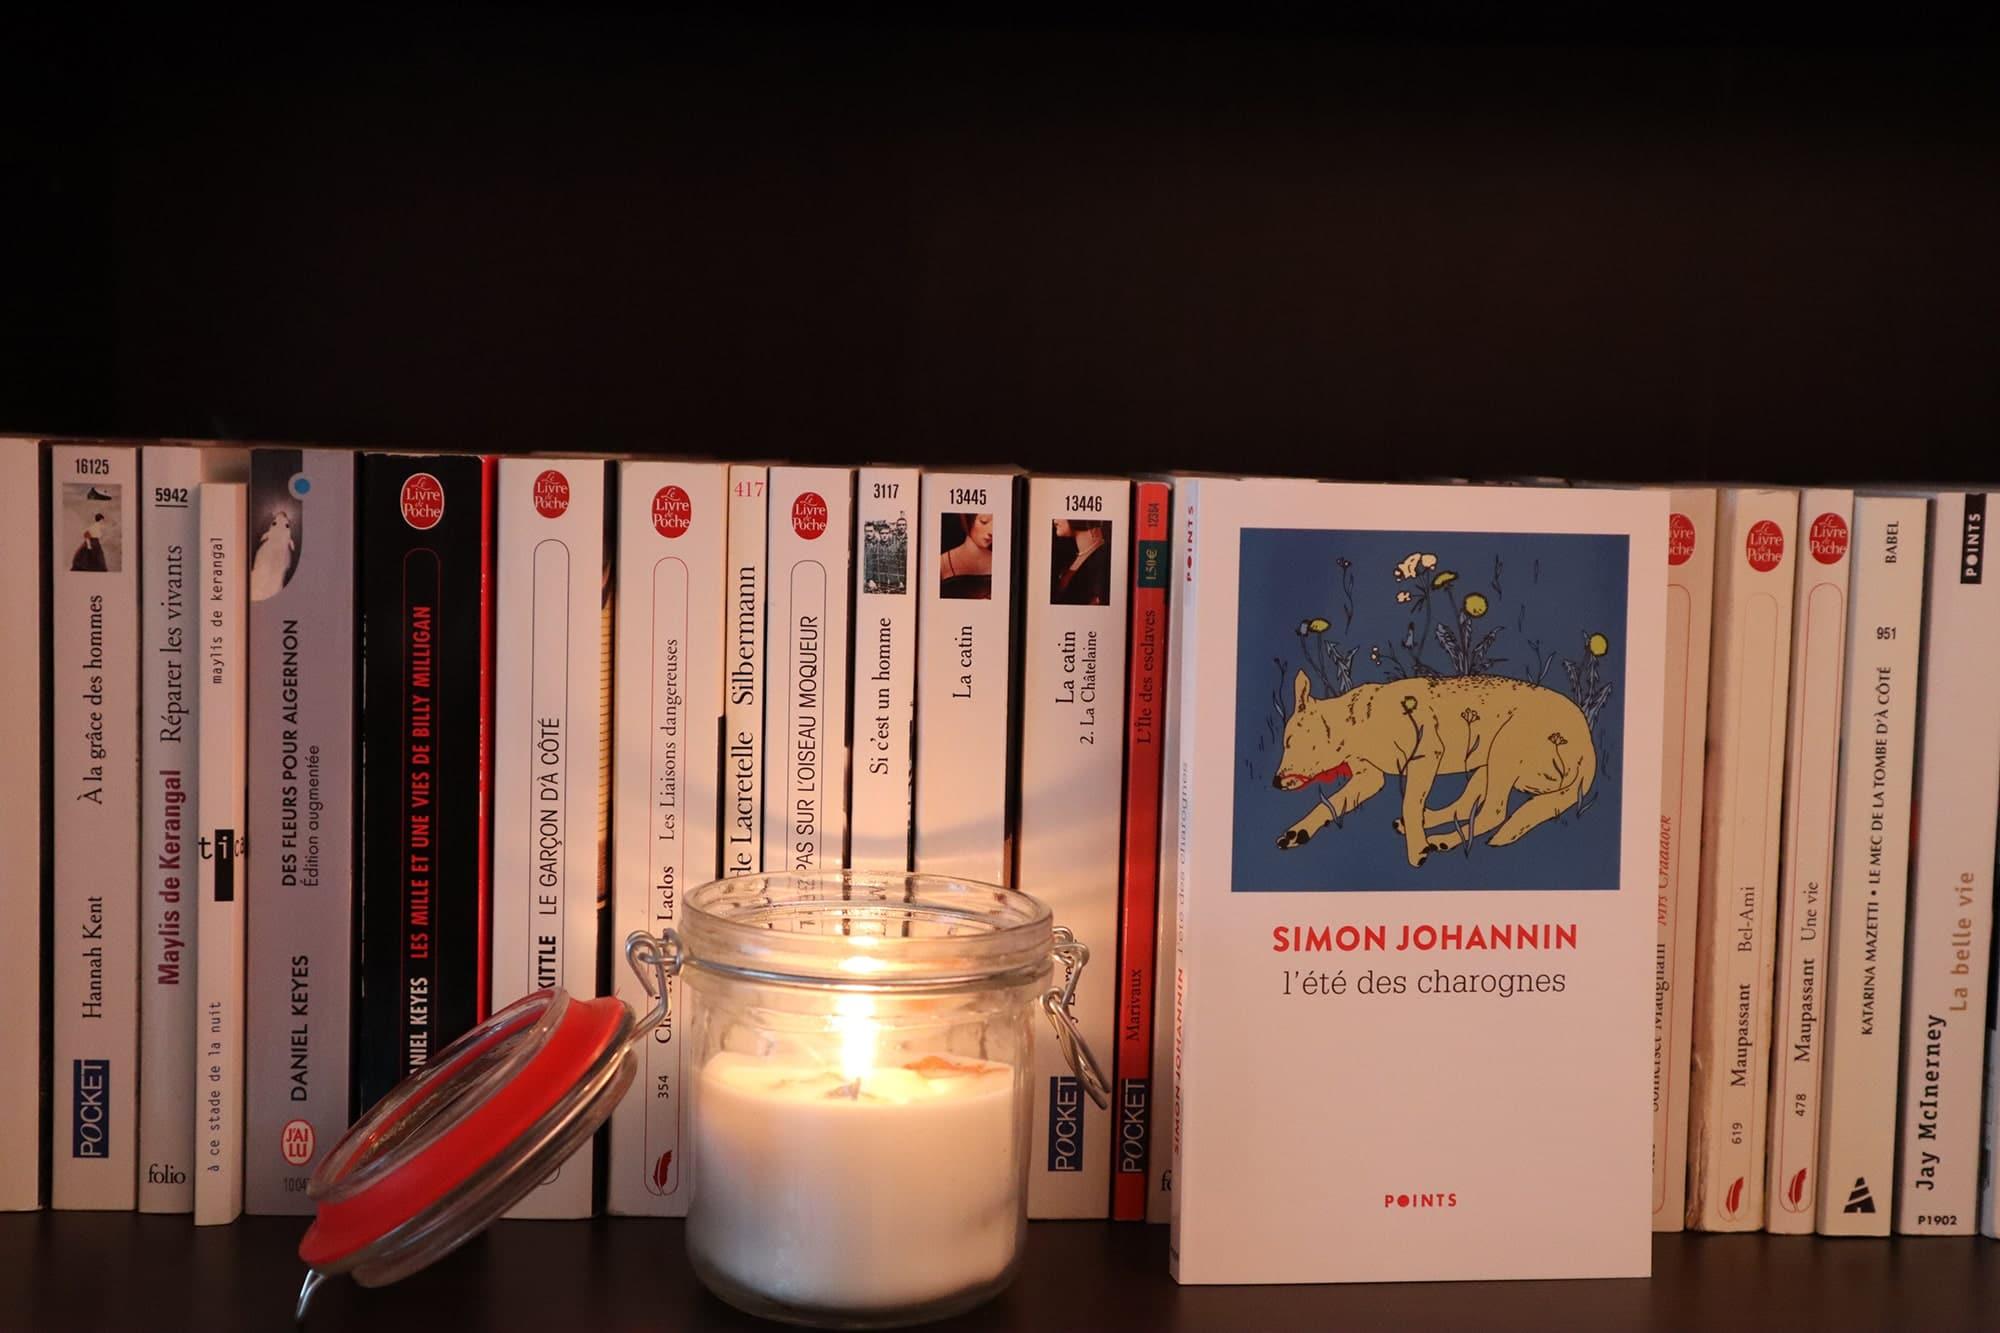 L'été des charognes, Simon Johannin – Ed. Points, 158 p.